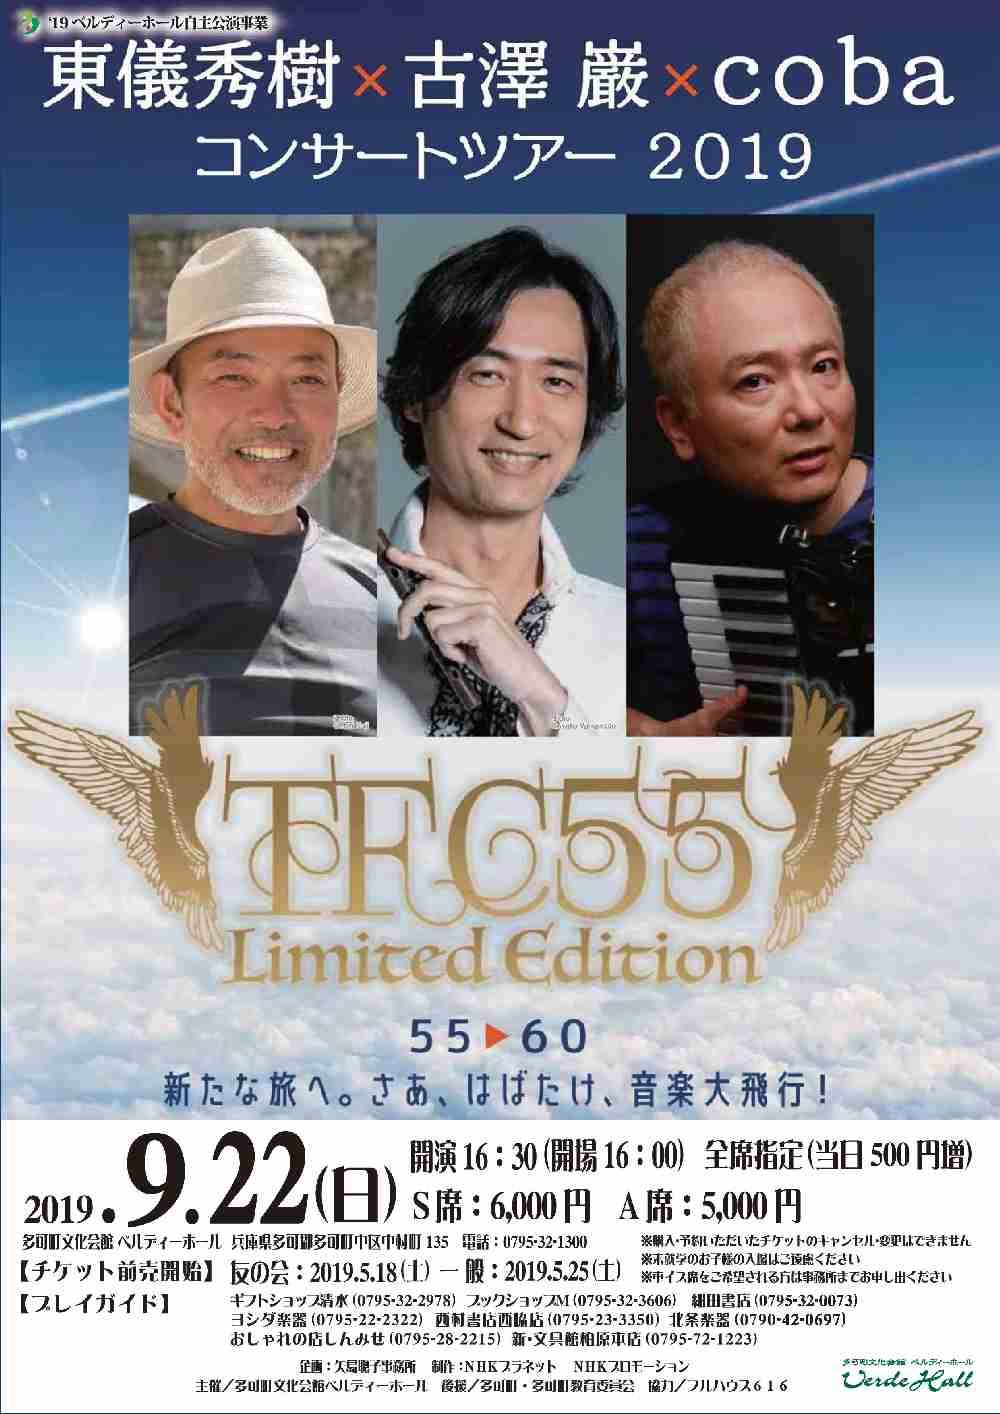 9/22 東儀秀樹×古澤巌×cobaコンサートツアー:ベルディーホール